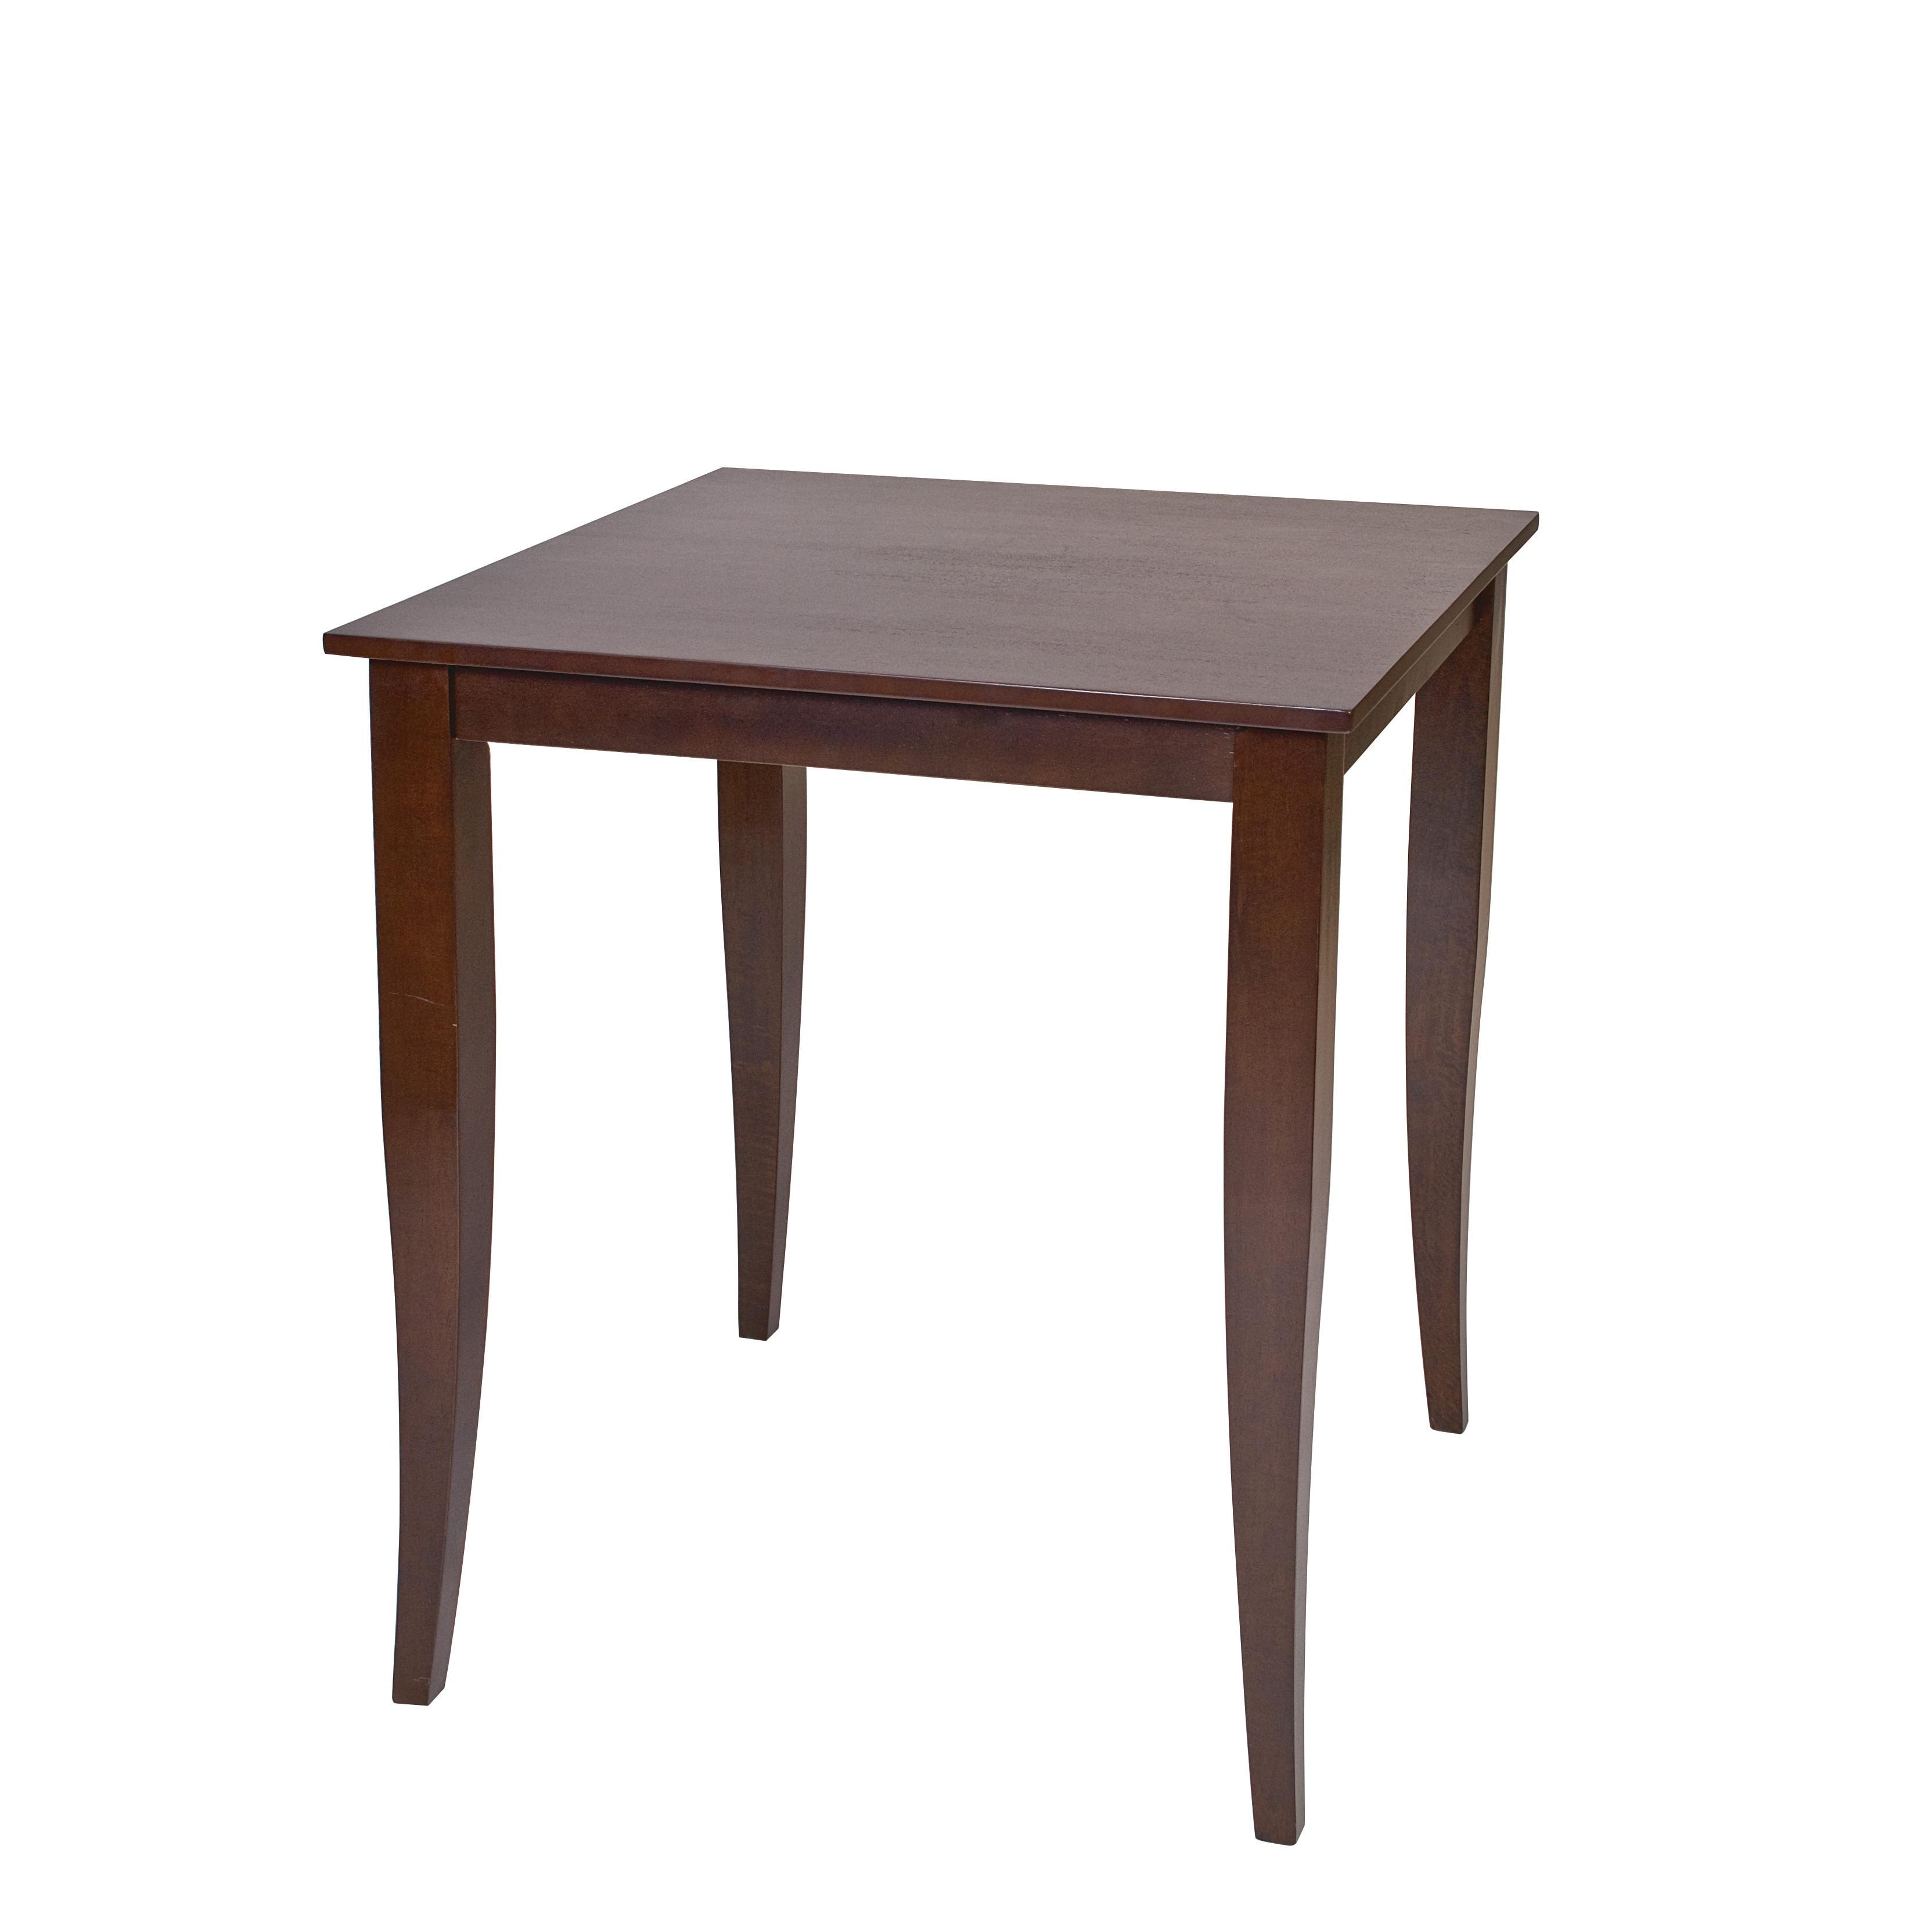 Jamestown 36.25-inch High Square Espresso Pub Table